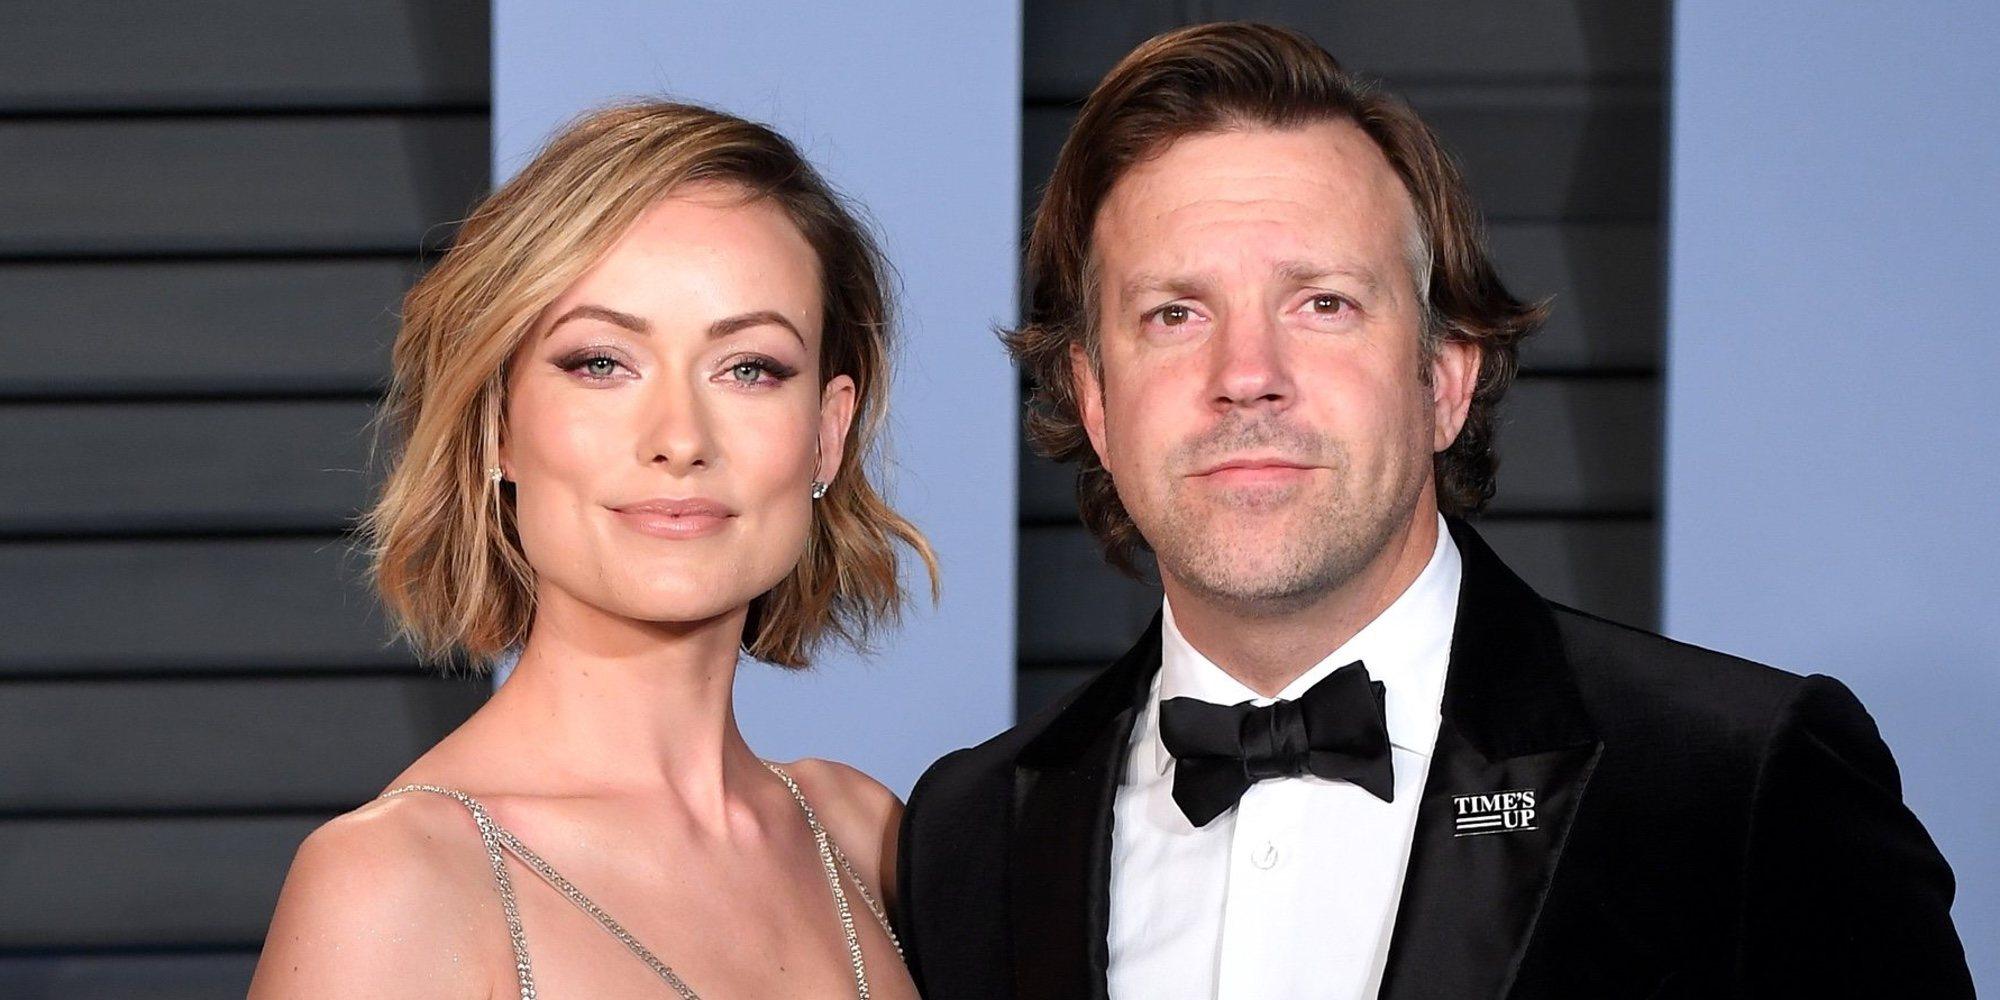 Olivia Wilde y Jason Sudeikis rompen su relación tras nueve años juntos y dos hijos en común